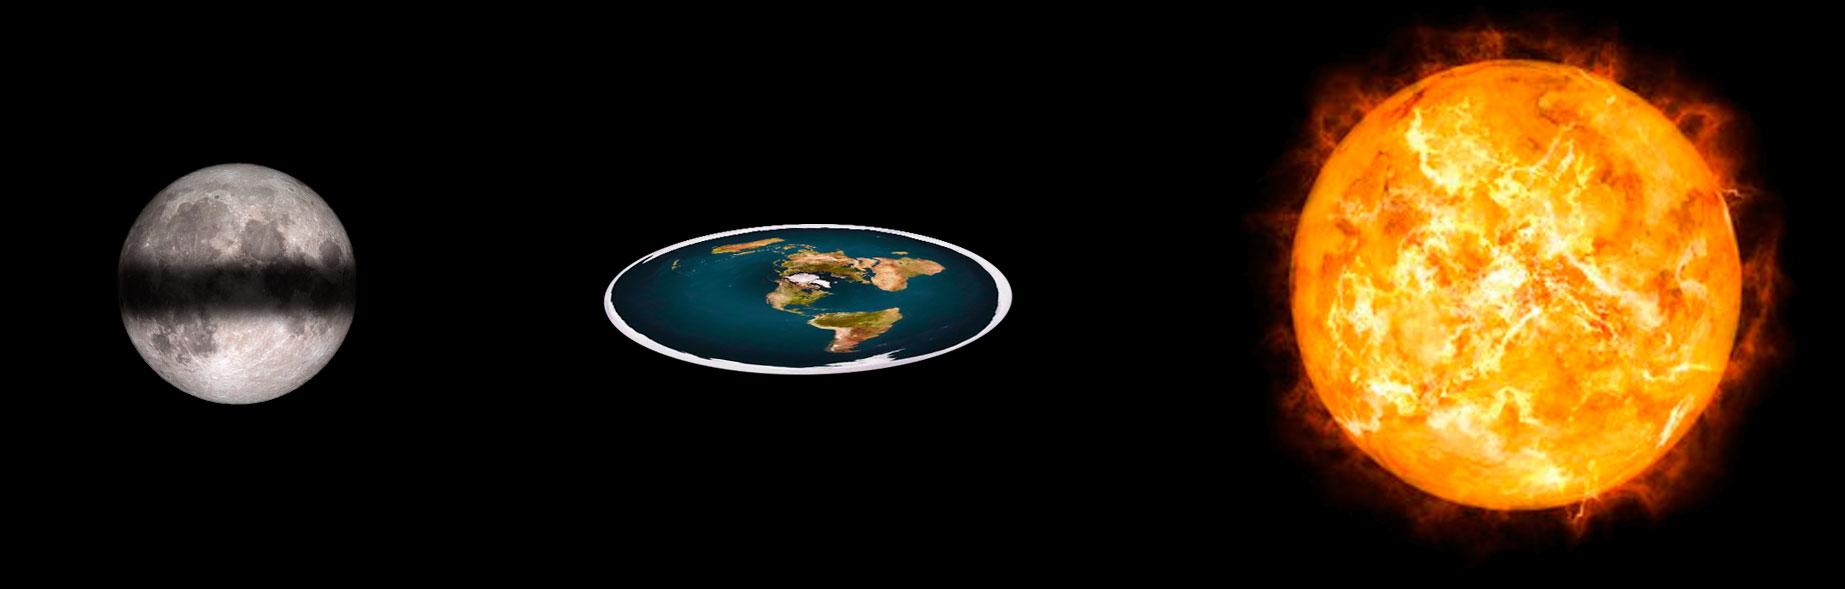 Eclipse lunar cuando la Tierra es plana